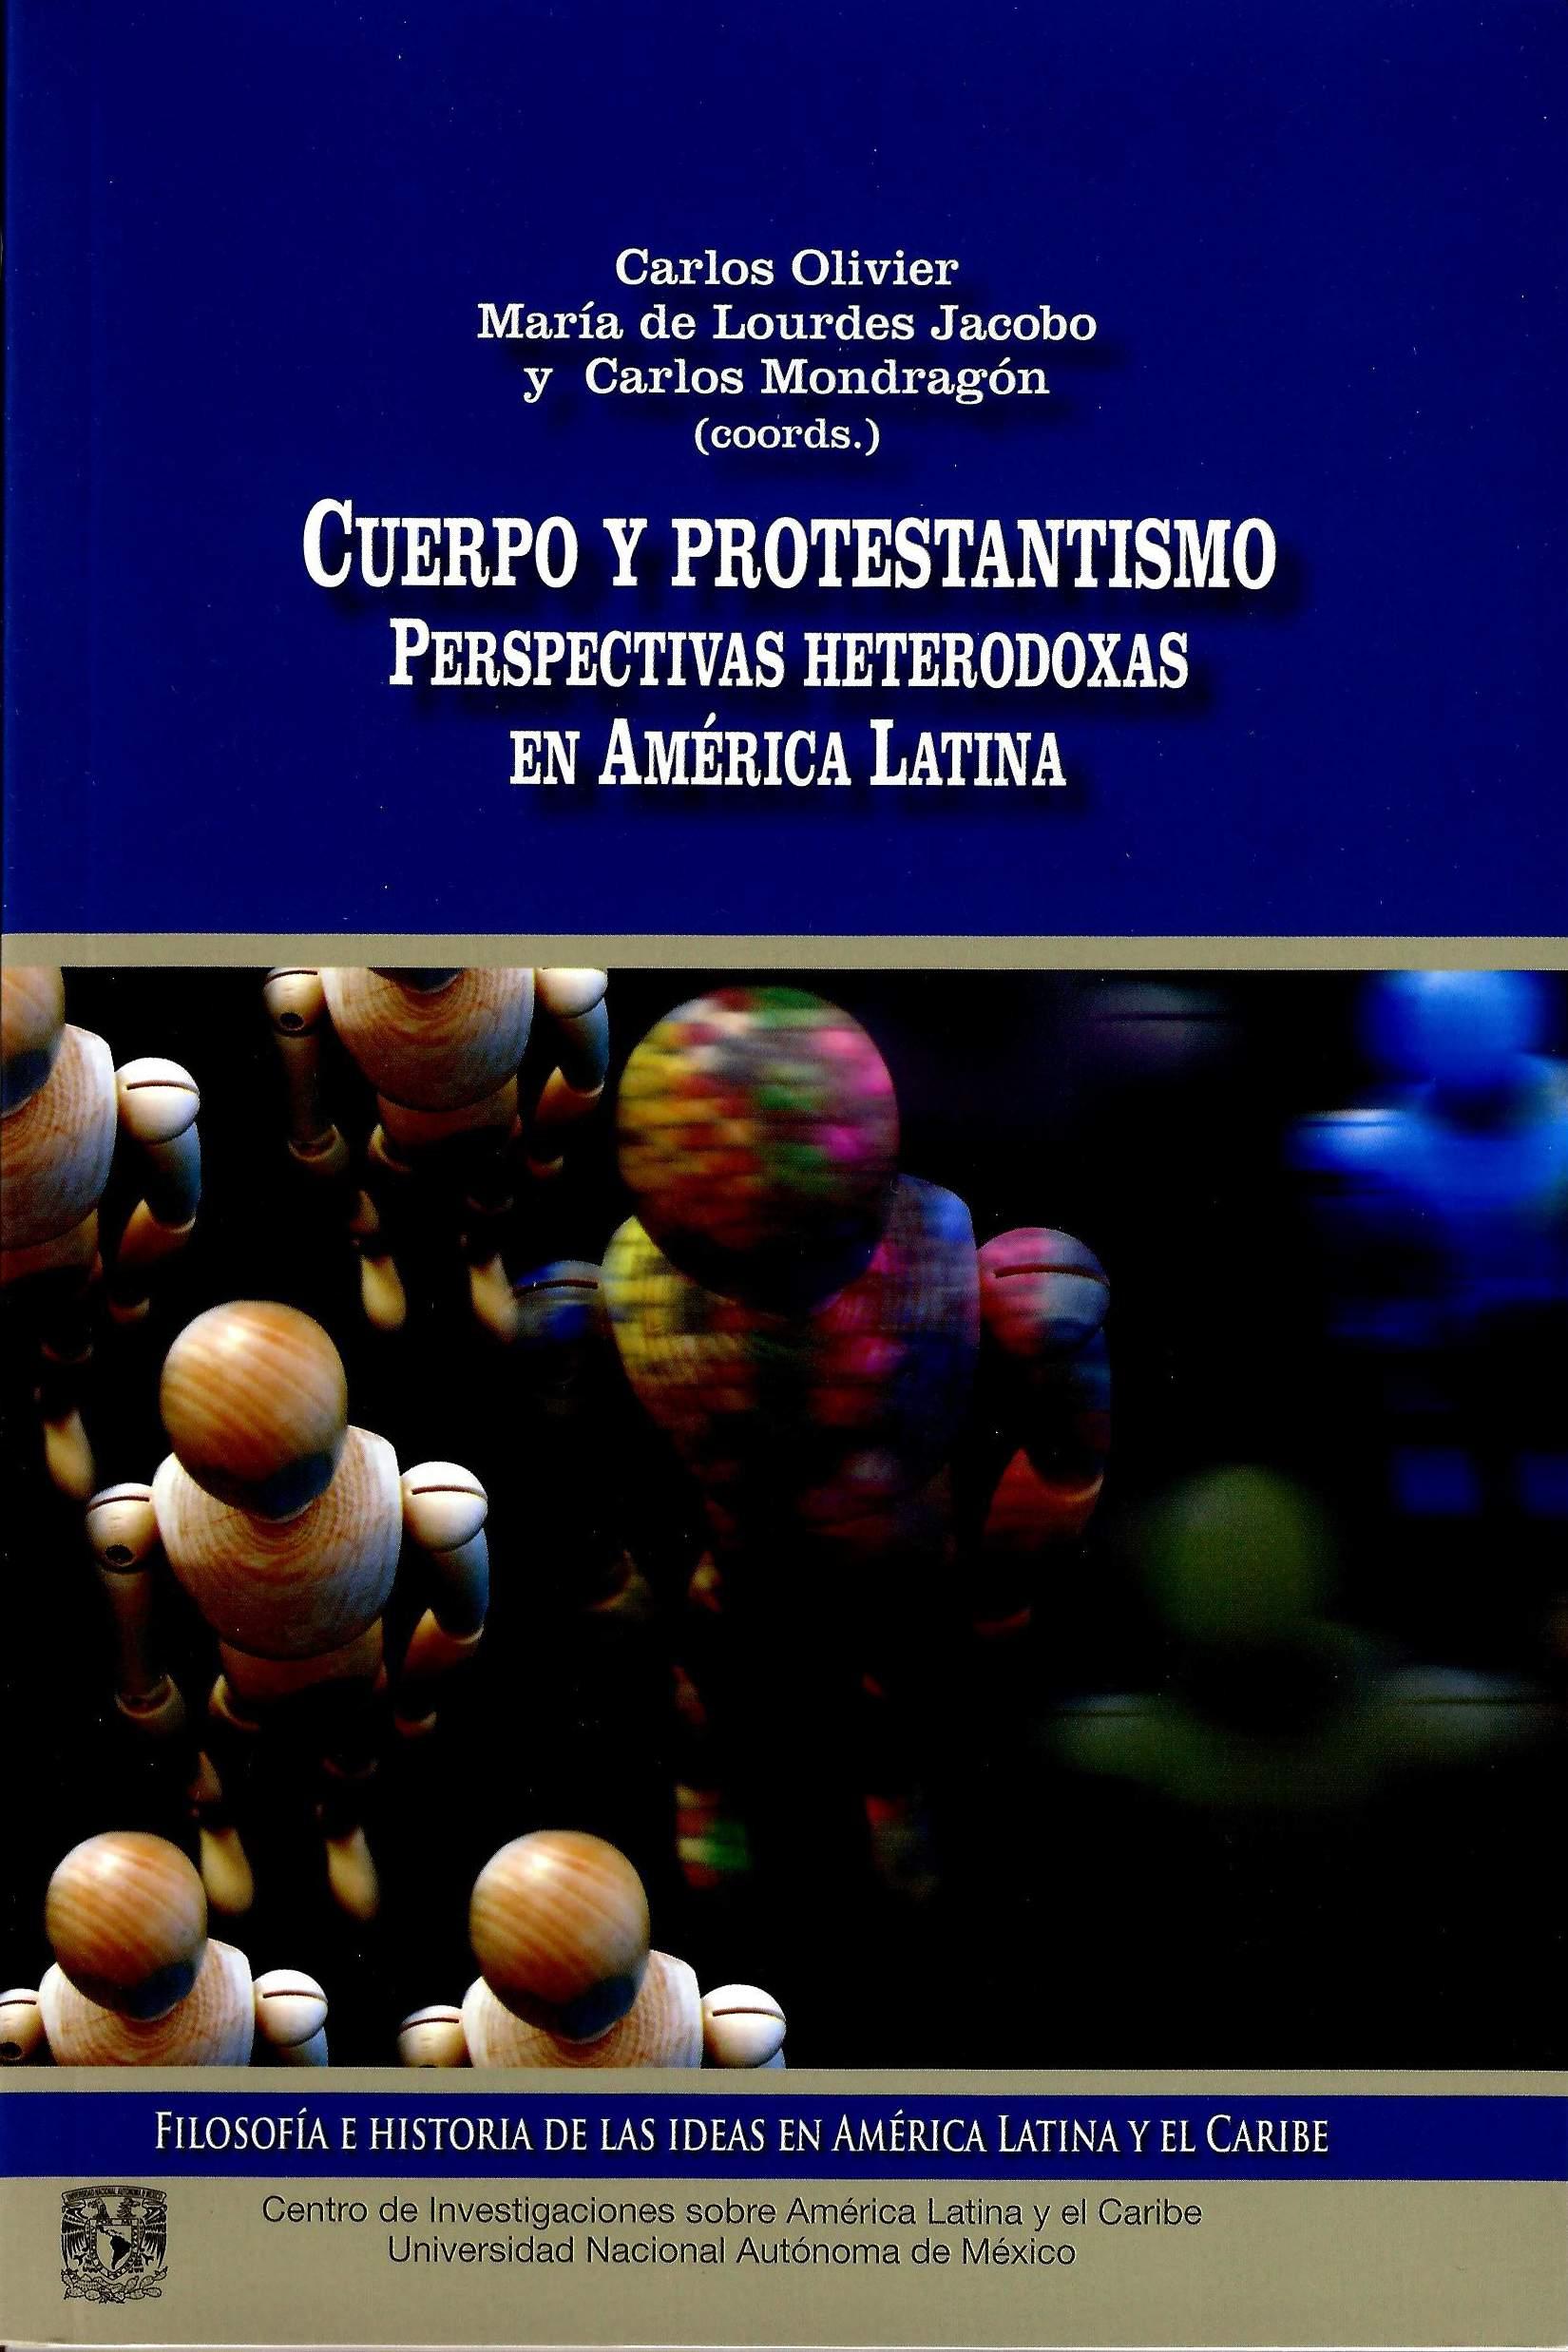 Cuerpo y protestantismo. Perspectivas heterodoxas en América Latina